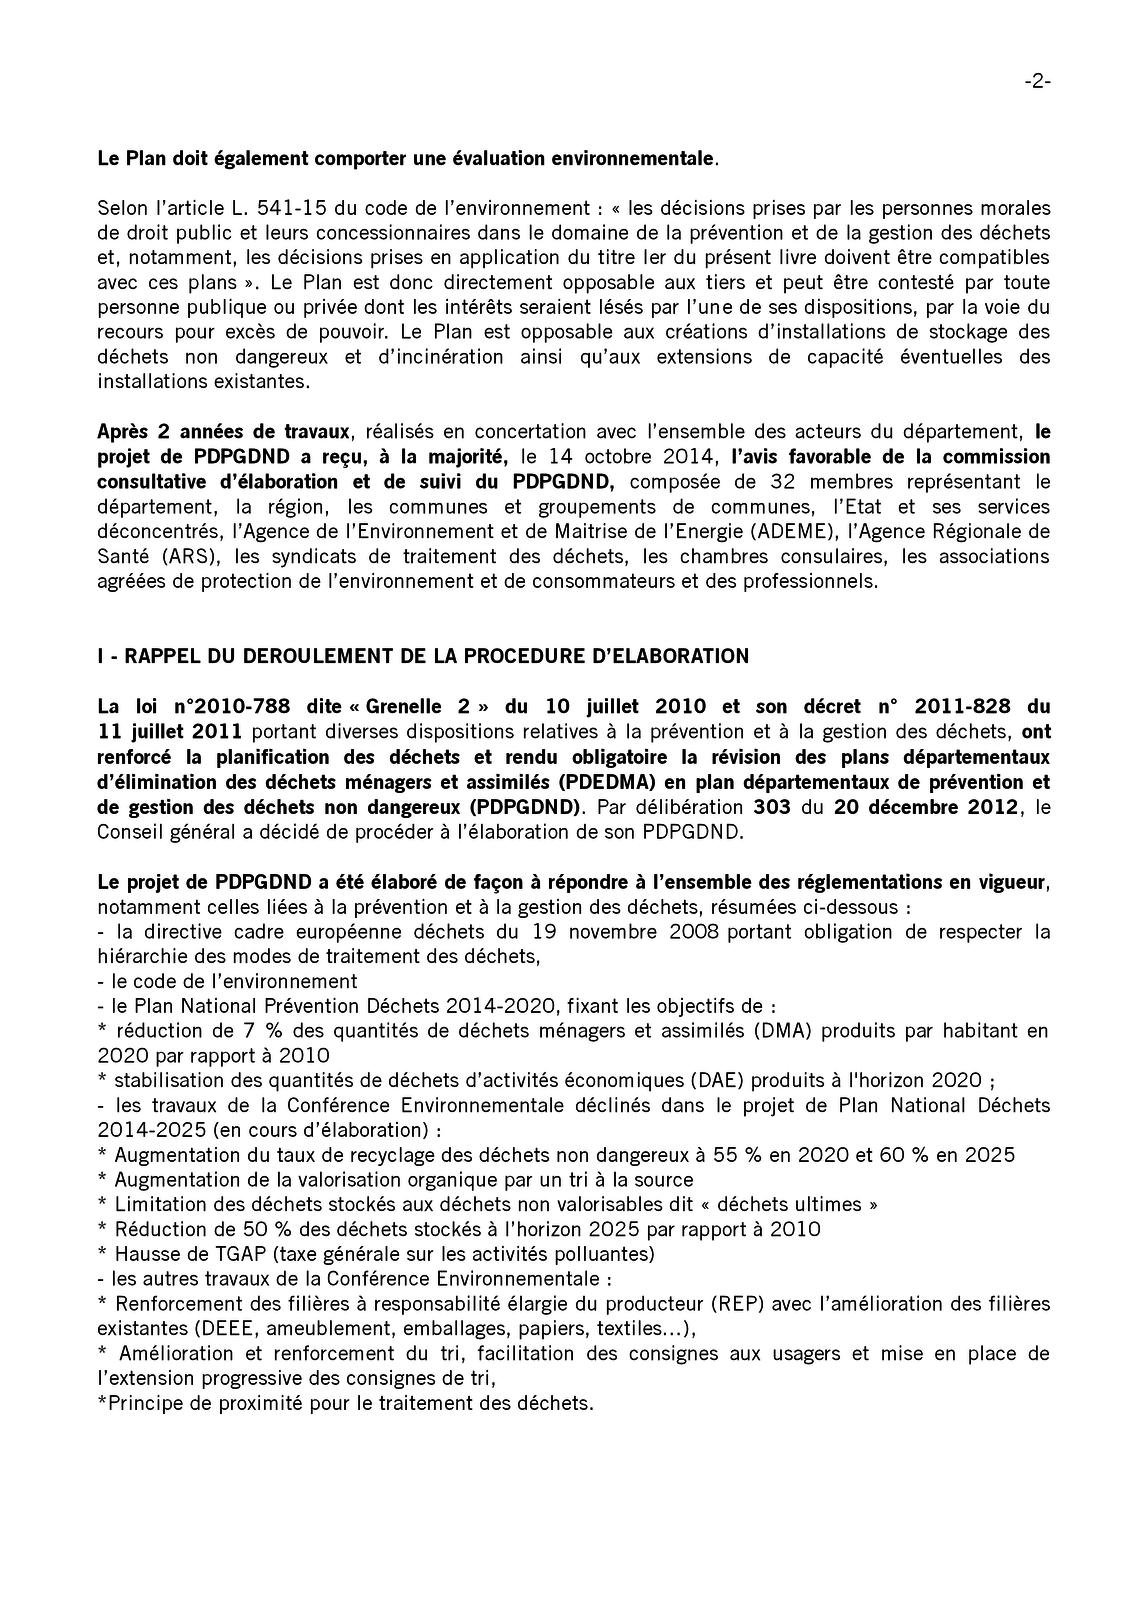 Communauté des communes du pays de Valois : Deux rapports concernant les plans départementaux de prévention et de gestion des déchets de l'Oise